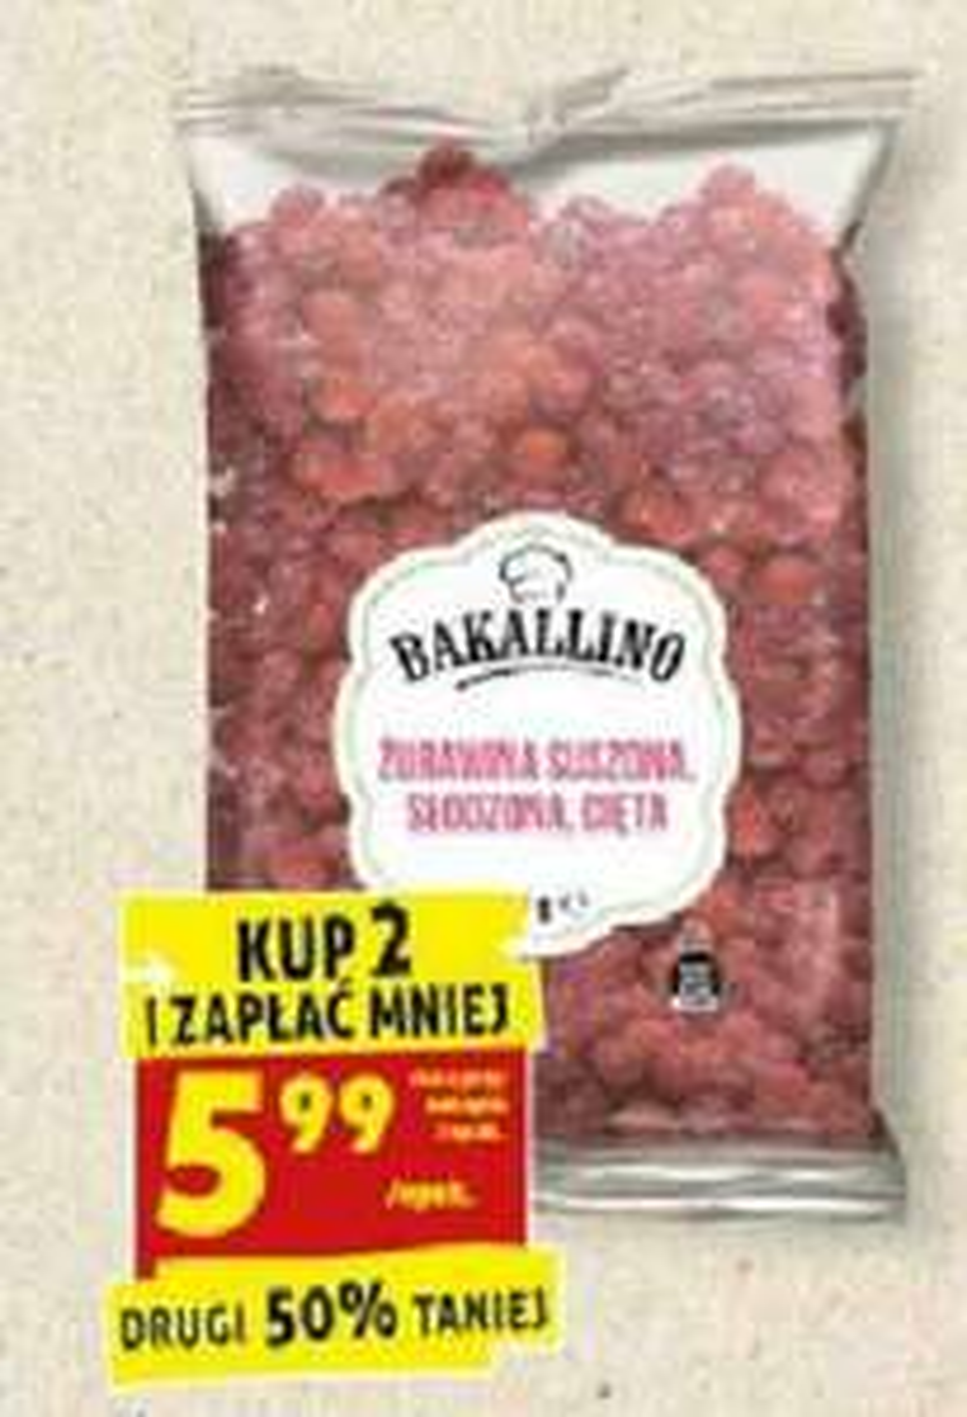 Żurawina suszona Biedronka 5,99 /300g przy zakupie 2 opakowań (19,99zł/kg)